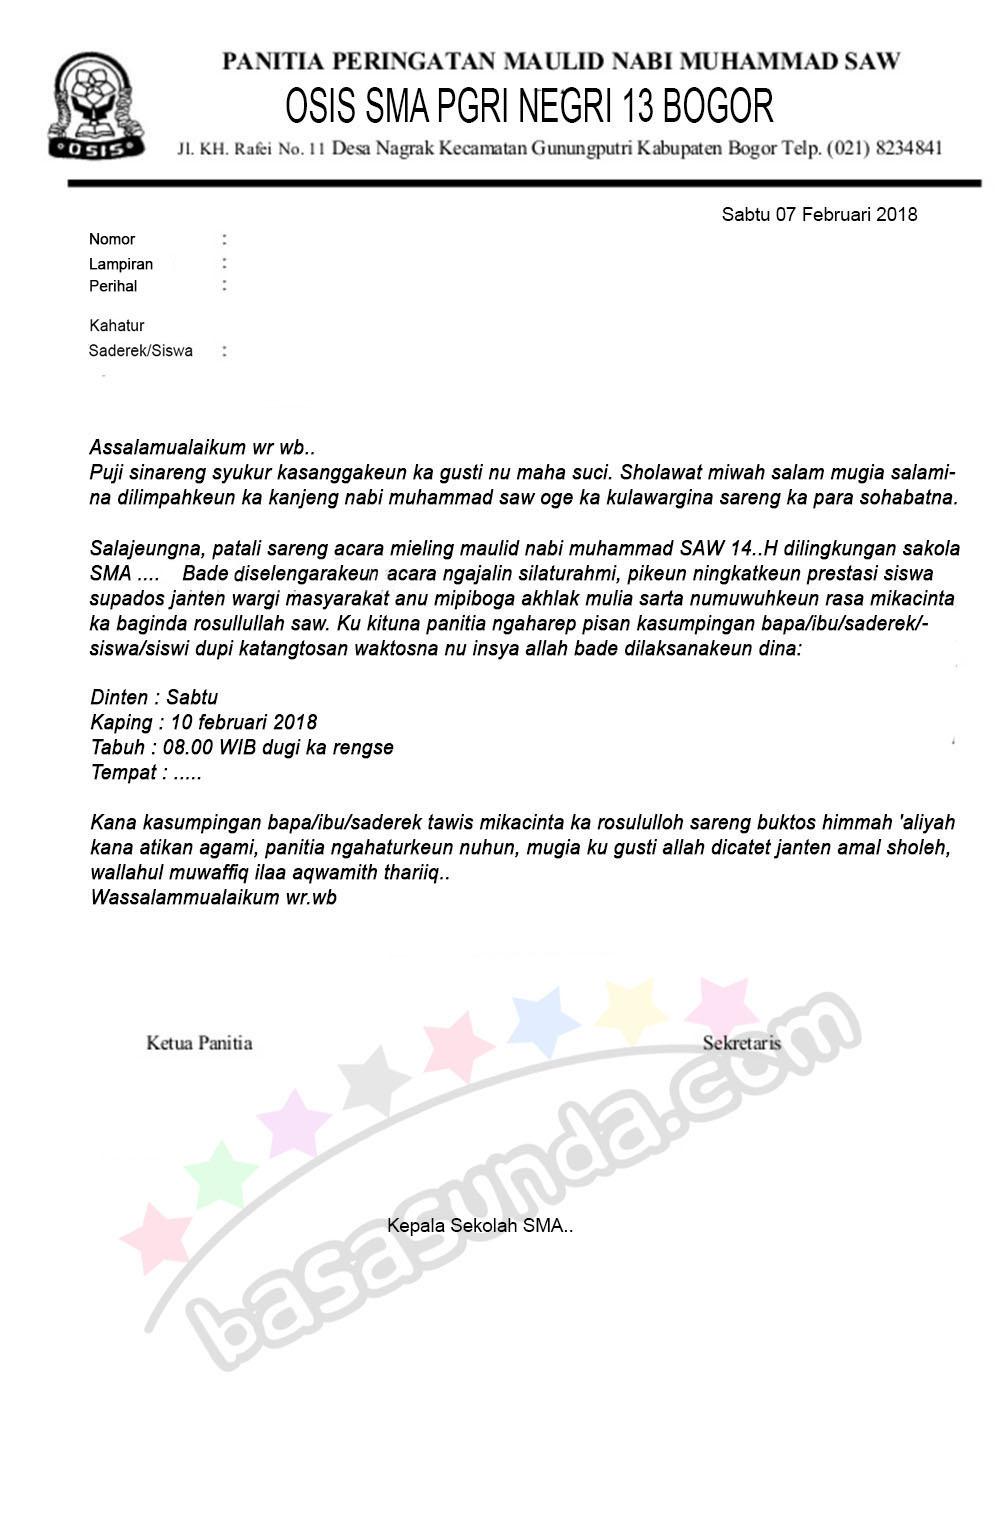 Contoh Surat Resmi Dengan Bahasa Sunda